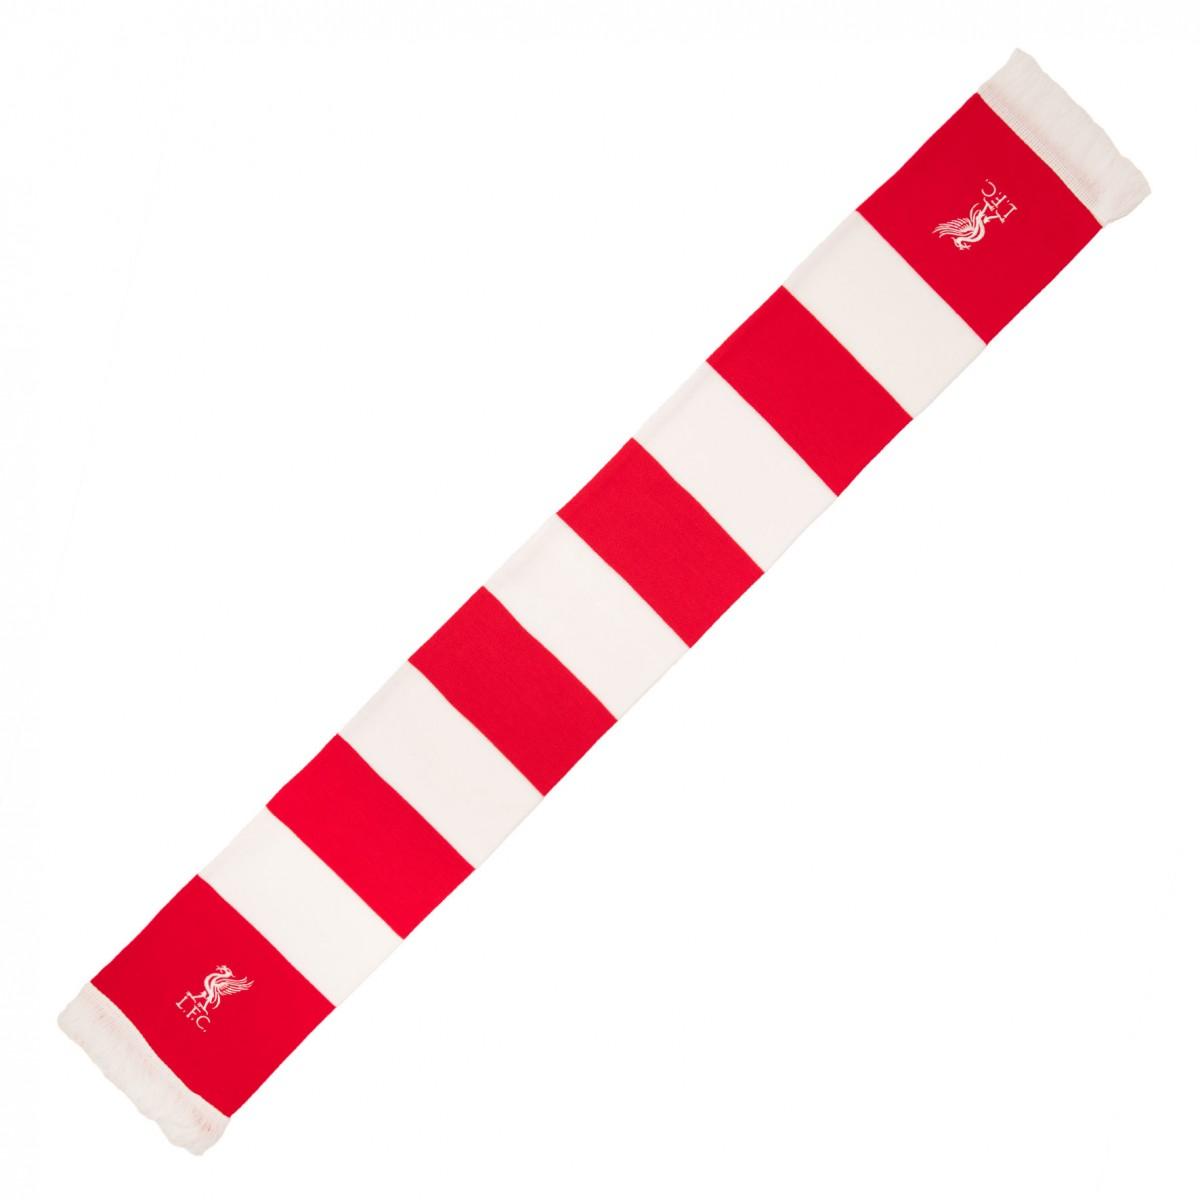 ผ้าพันคอลิเวอร์พูล Red & White Bar Scarf ของแท้